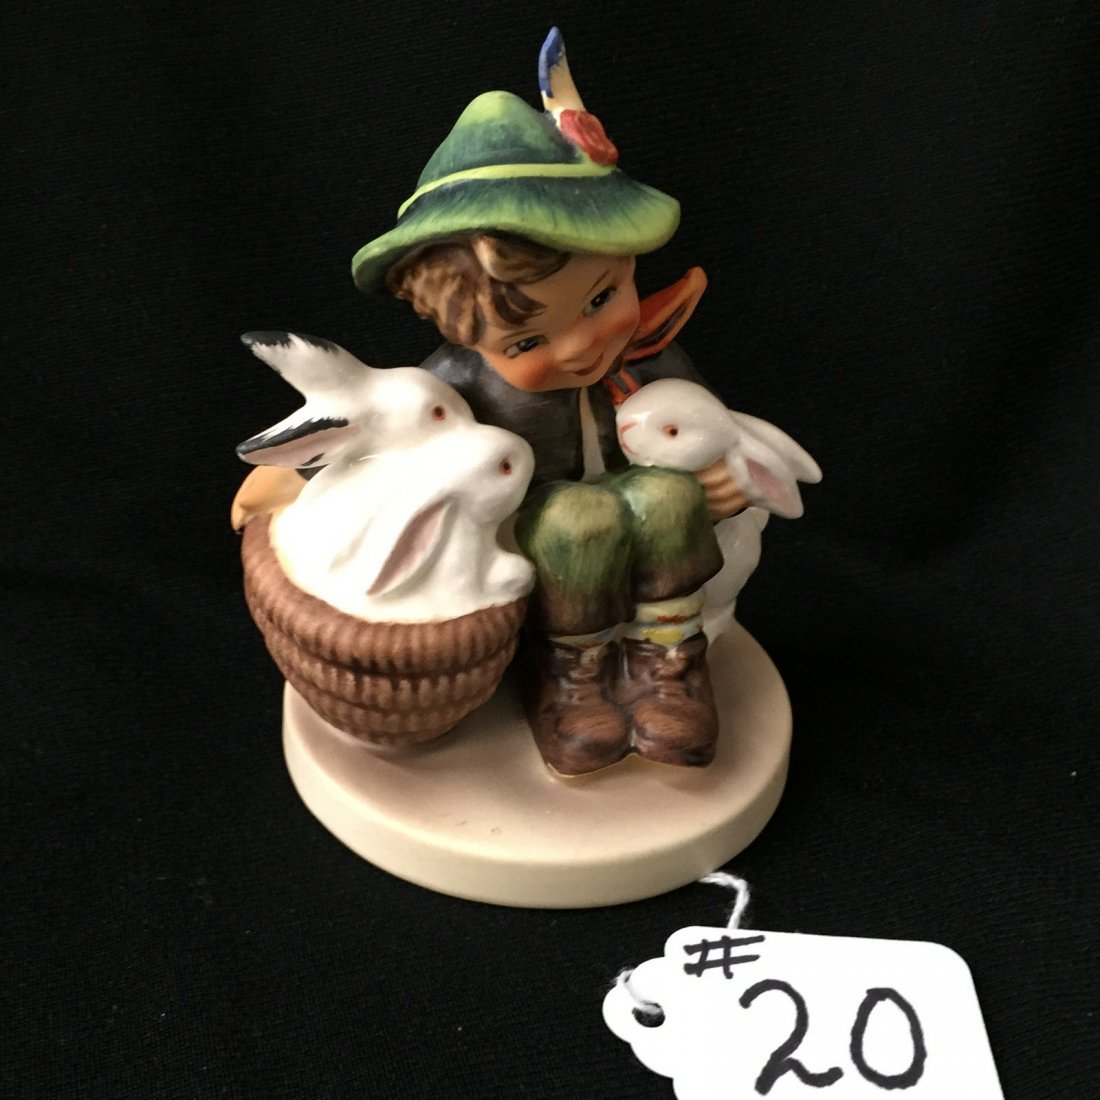 Hummel Figurine: Playmates; #58/0 TM 5. Book Value